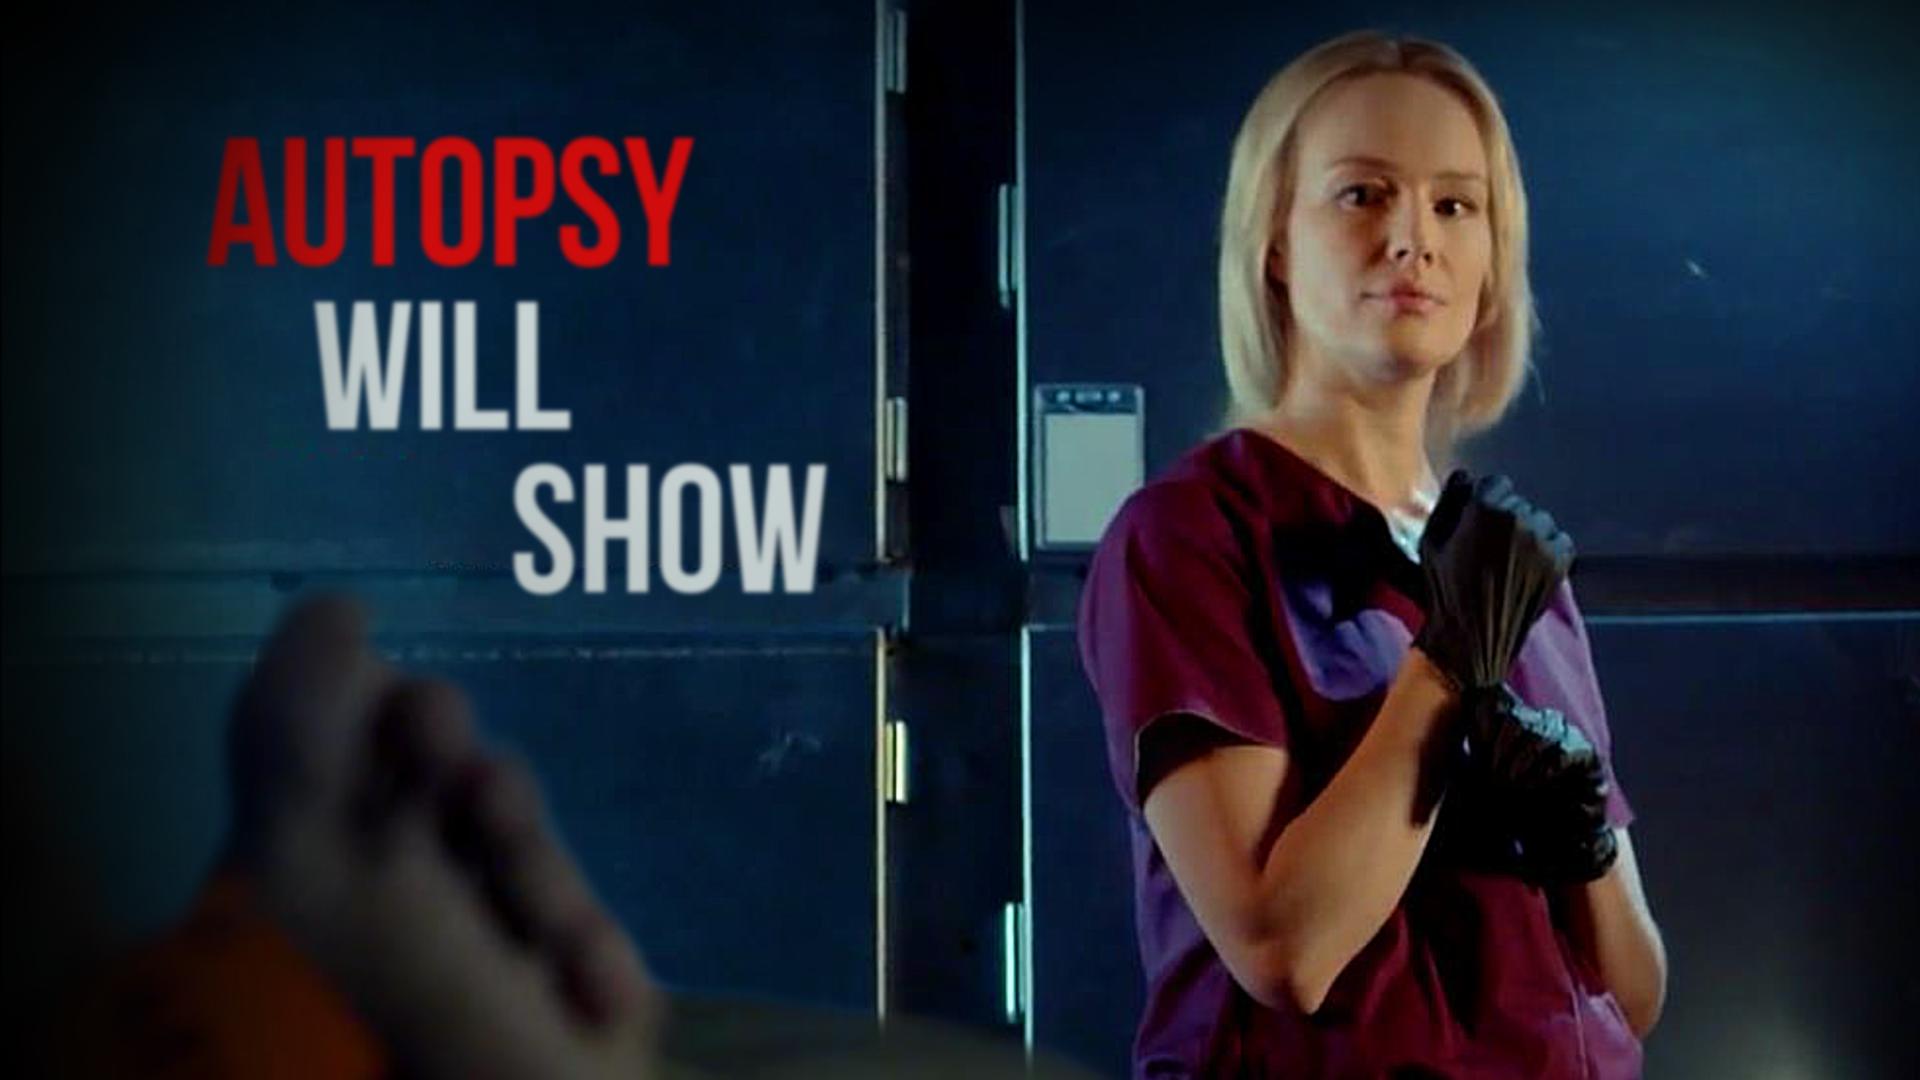 Autopsy will Show - Season 1